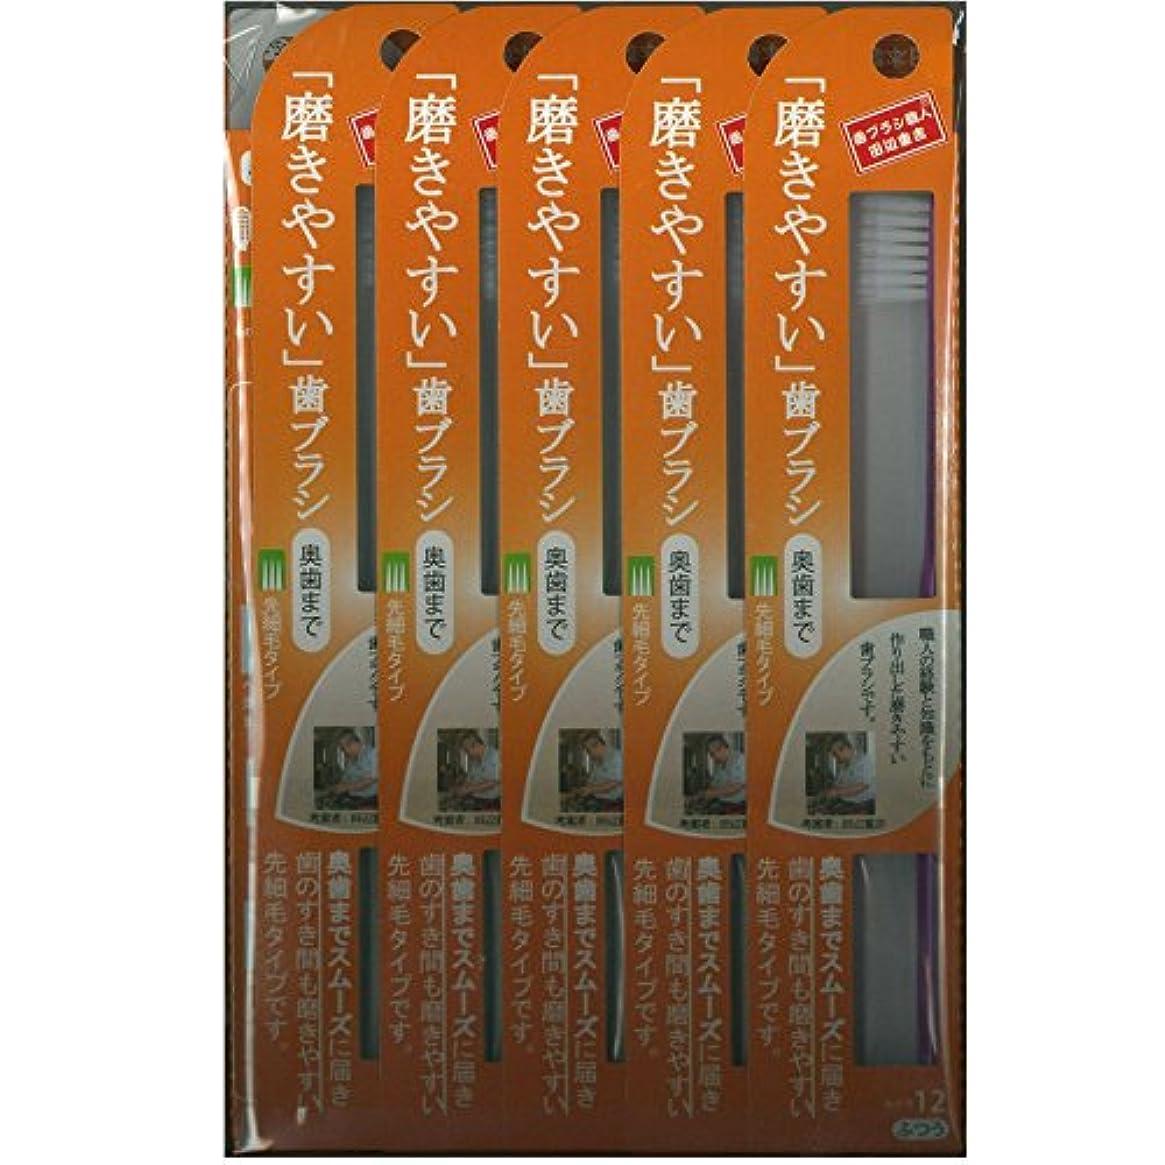 突進刃踏みつけ磨きやすい歯ブラシ(奥歯まで)先細 LT-12×12本セット( ピンク×4本、ブルー×4本、グリーン×2本、パープル×2本)